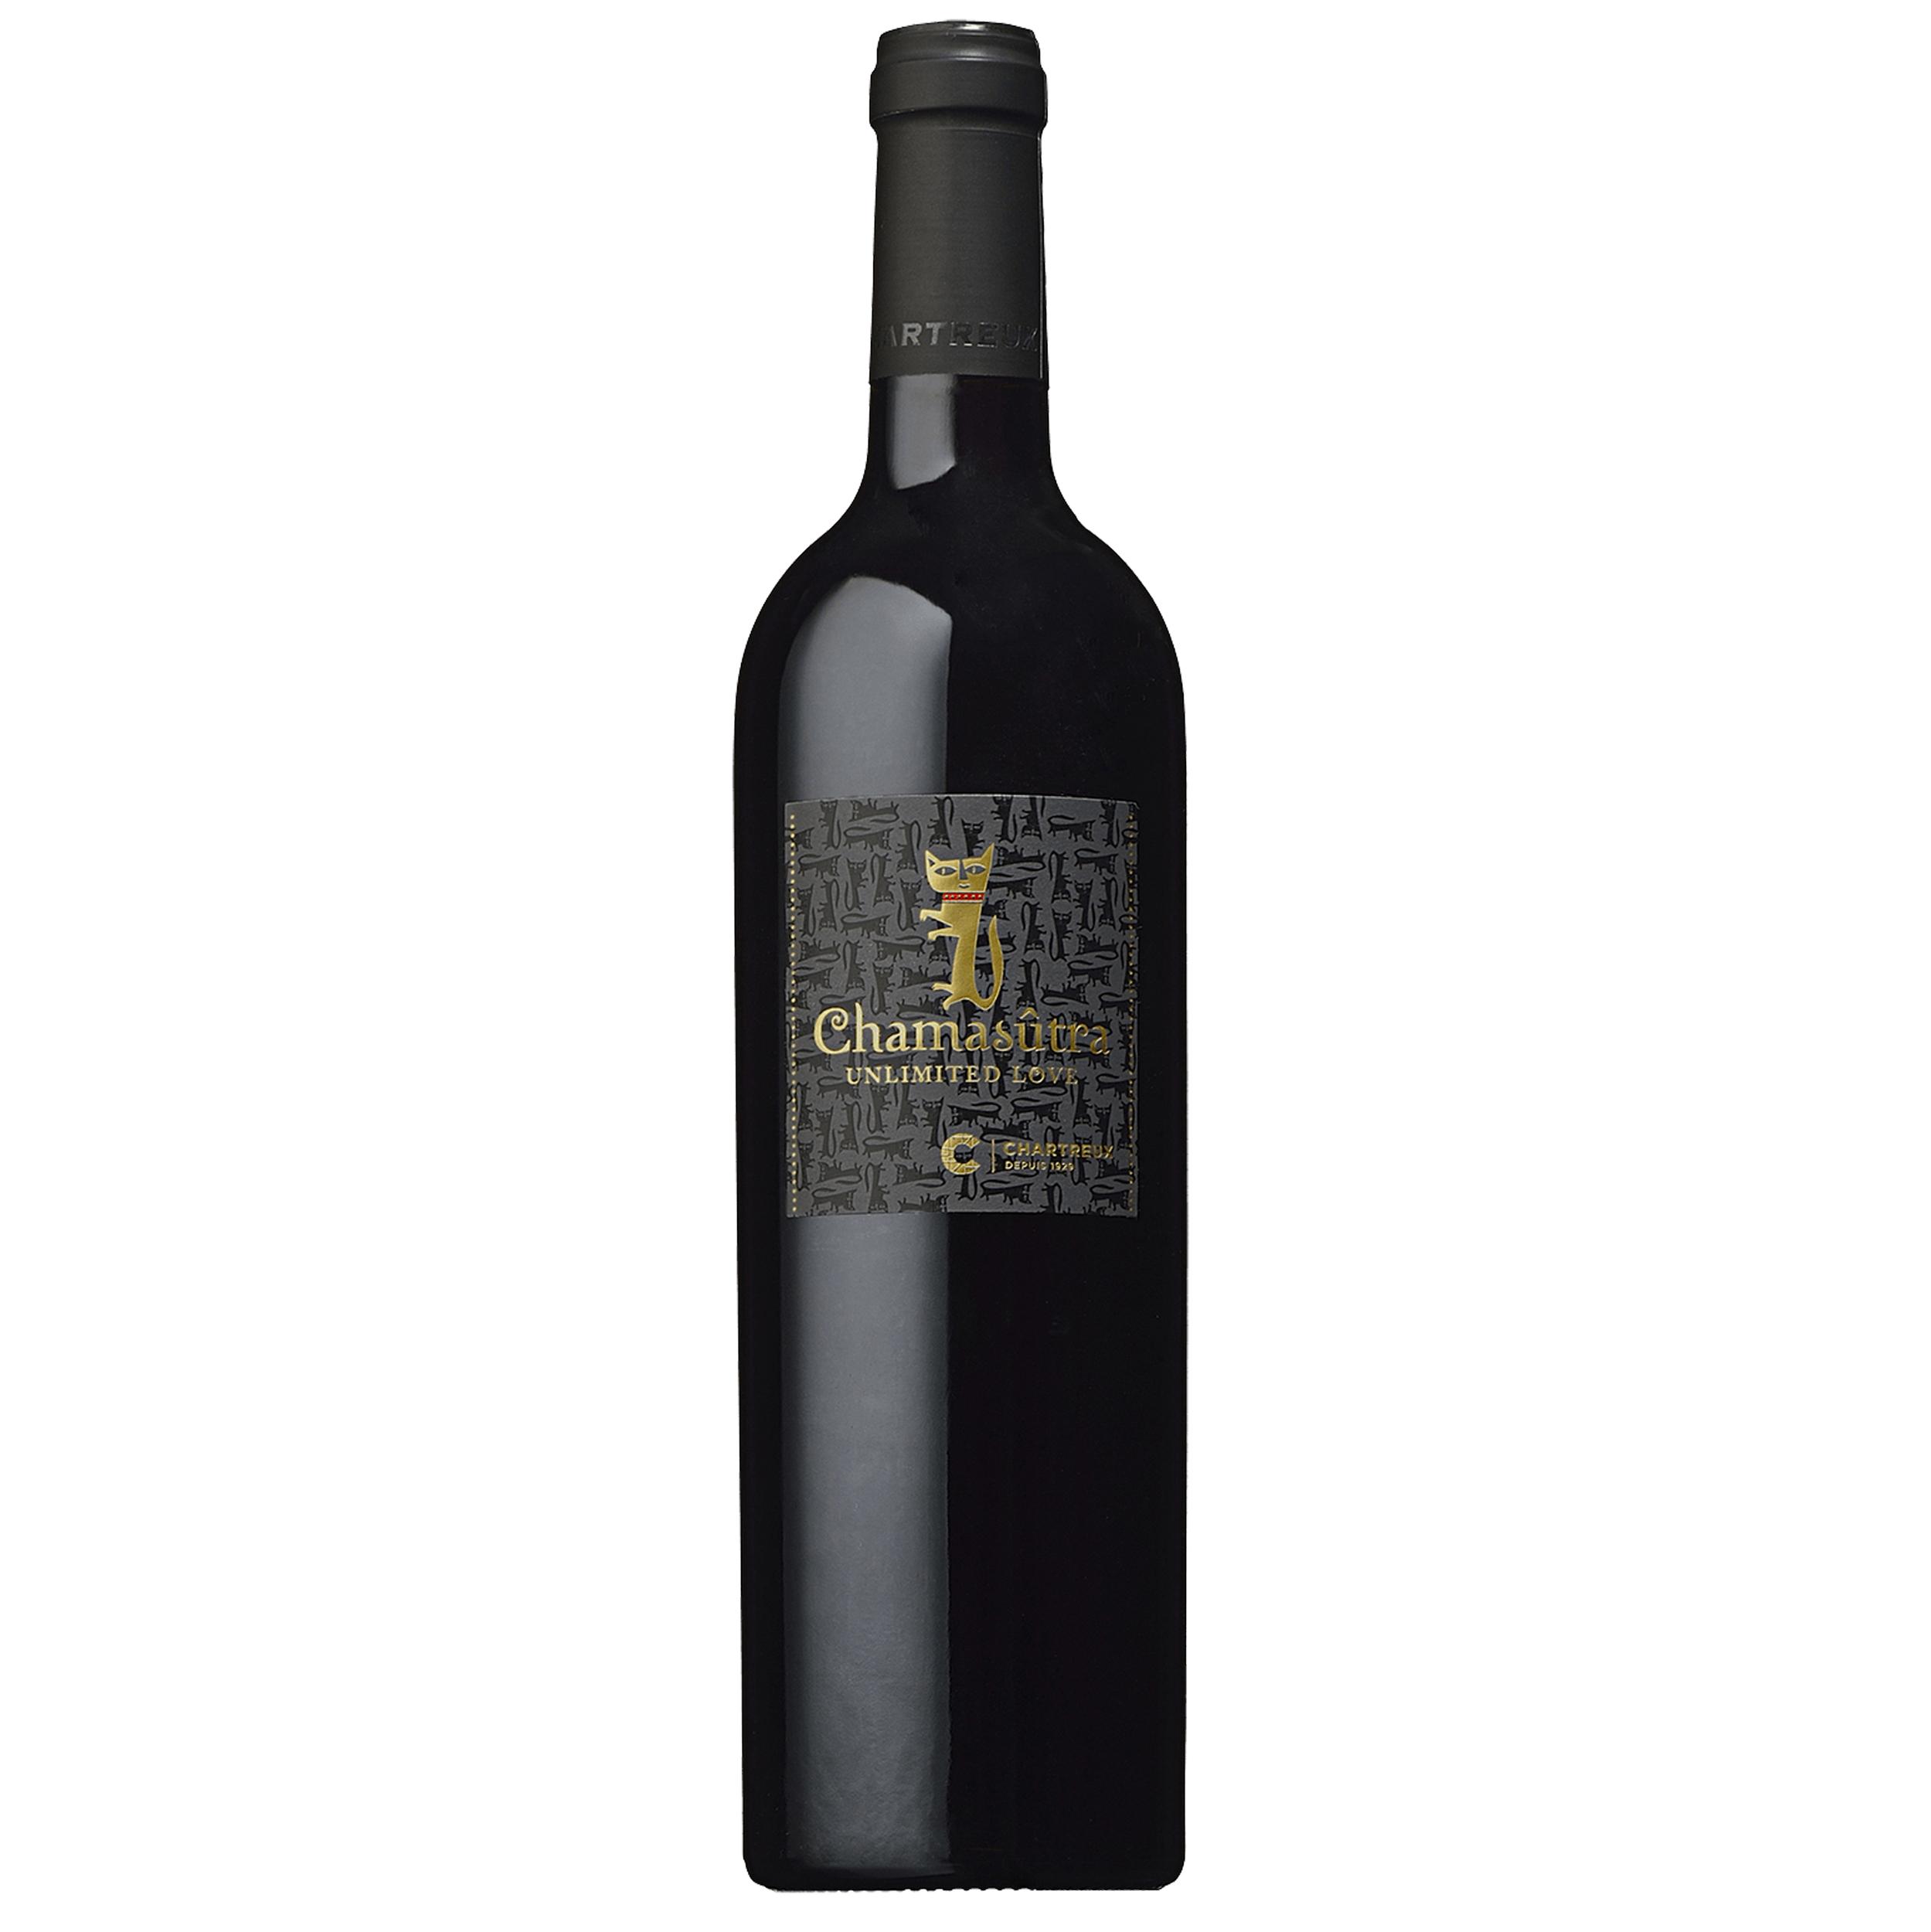 Vin de Pays - Chamasutra Unlimited Love - Domaine Cellier Des Chartreux - 2020